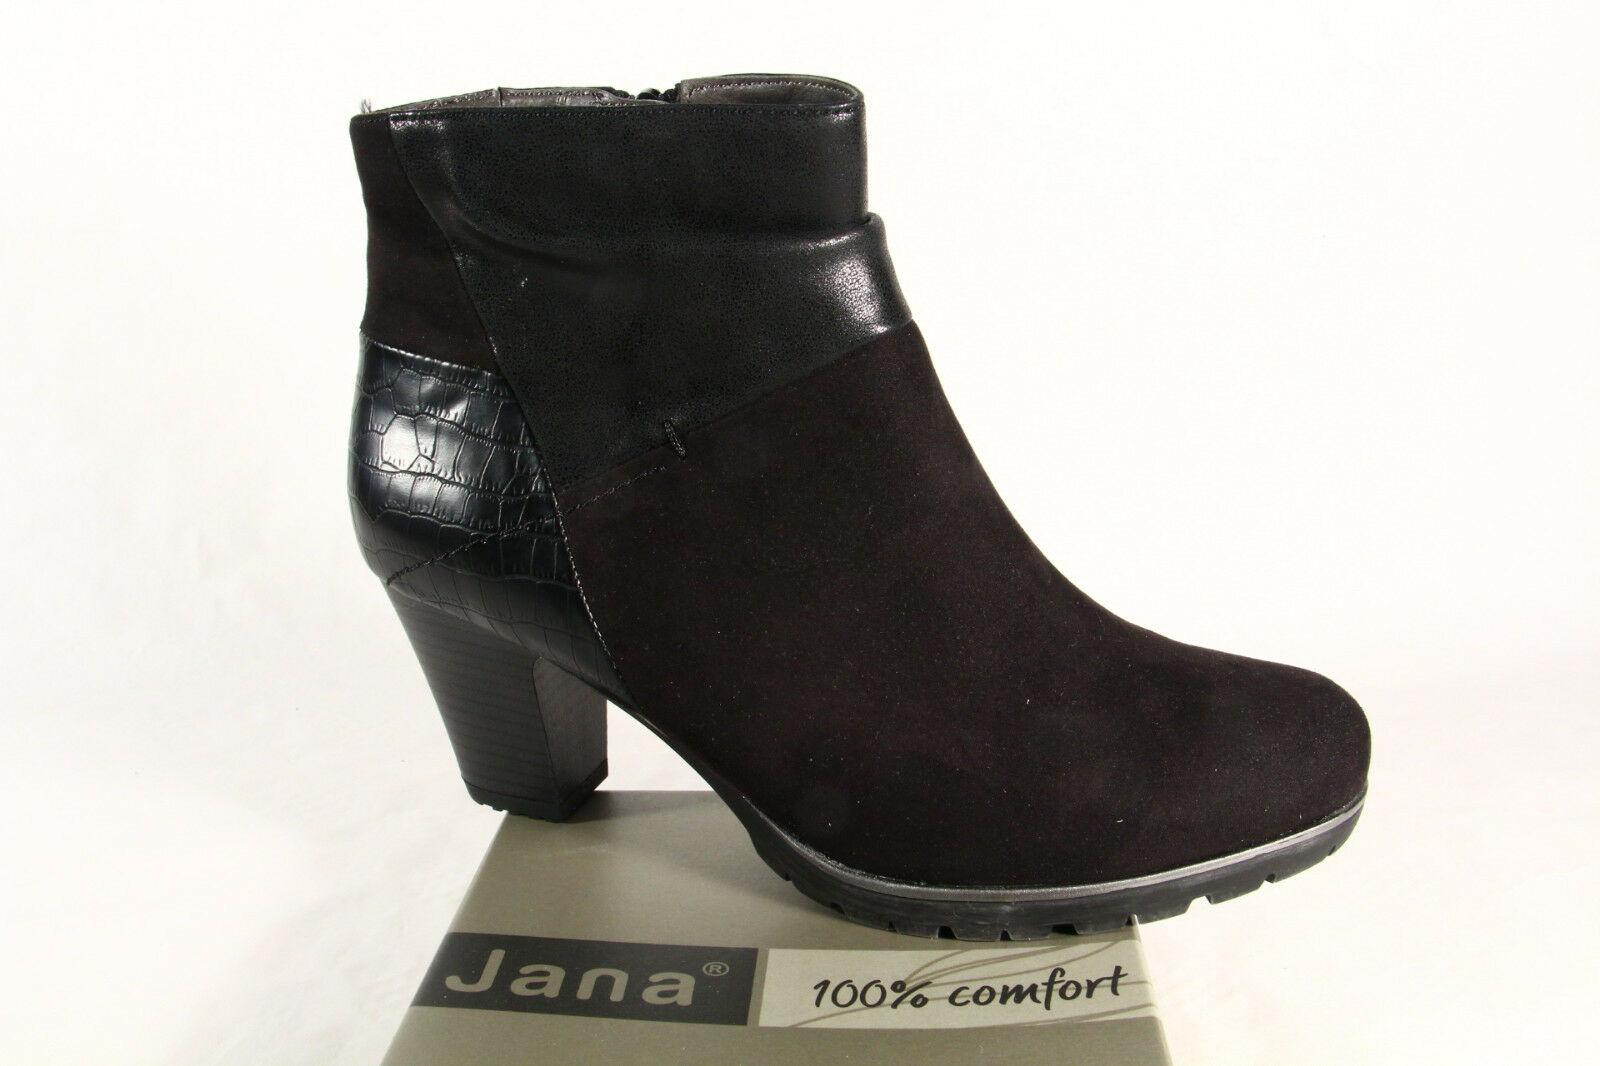 Jana Softline Damen Stiefelette, Stiefel, Stiefel schwarz 25374 NEU